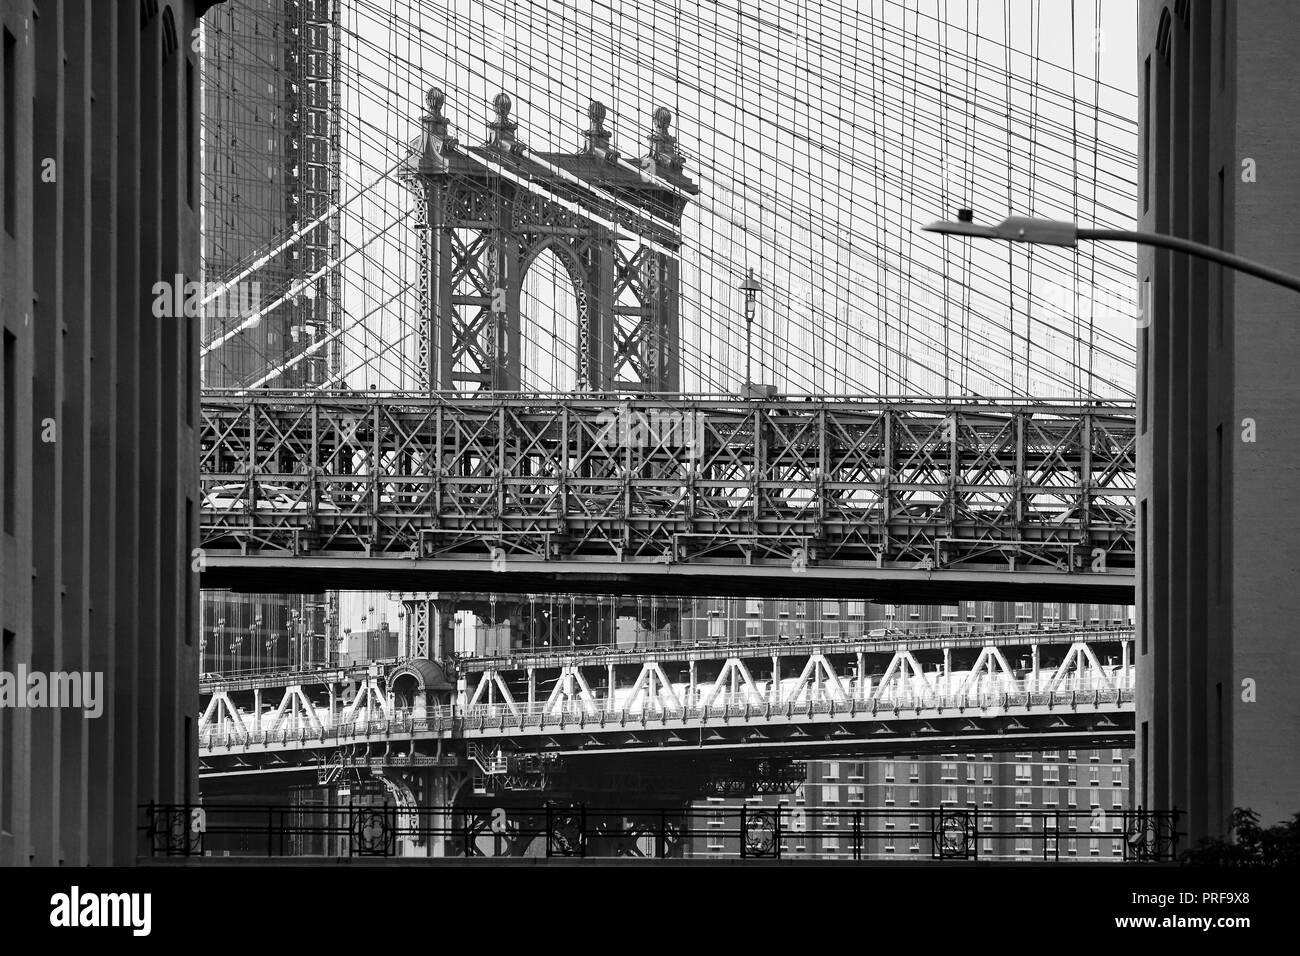 Fotografía en blanco y negro del Puente de Brooklyn y Manhattan en un fotograma, la ciudad de Nueva York, EE.UU. Foto de stock